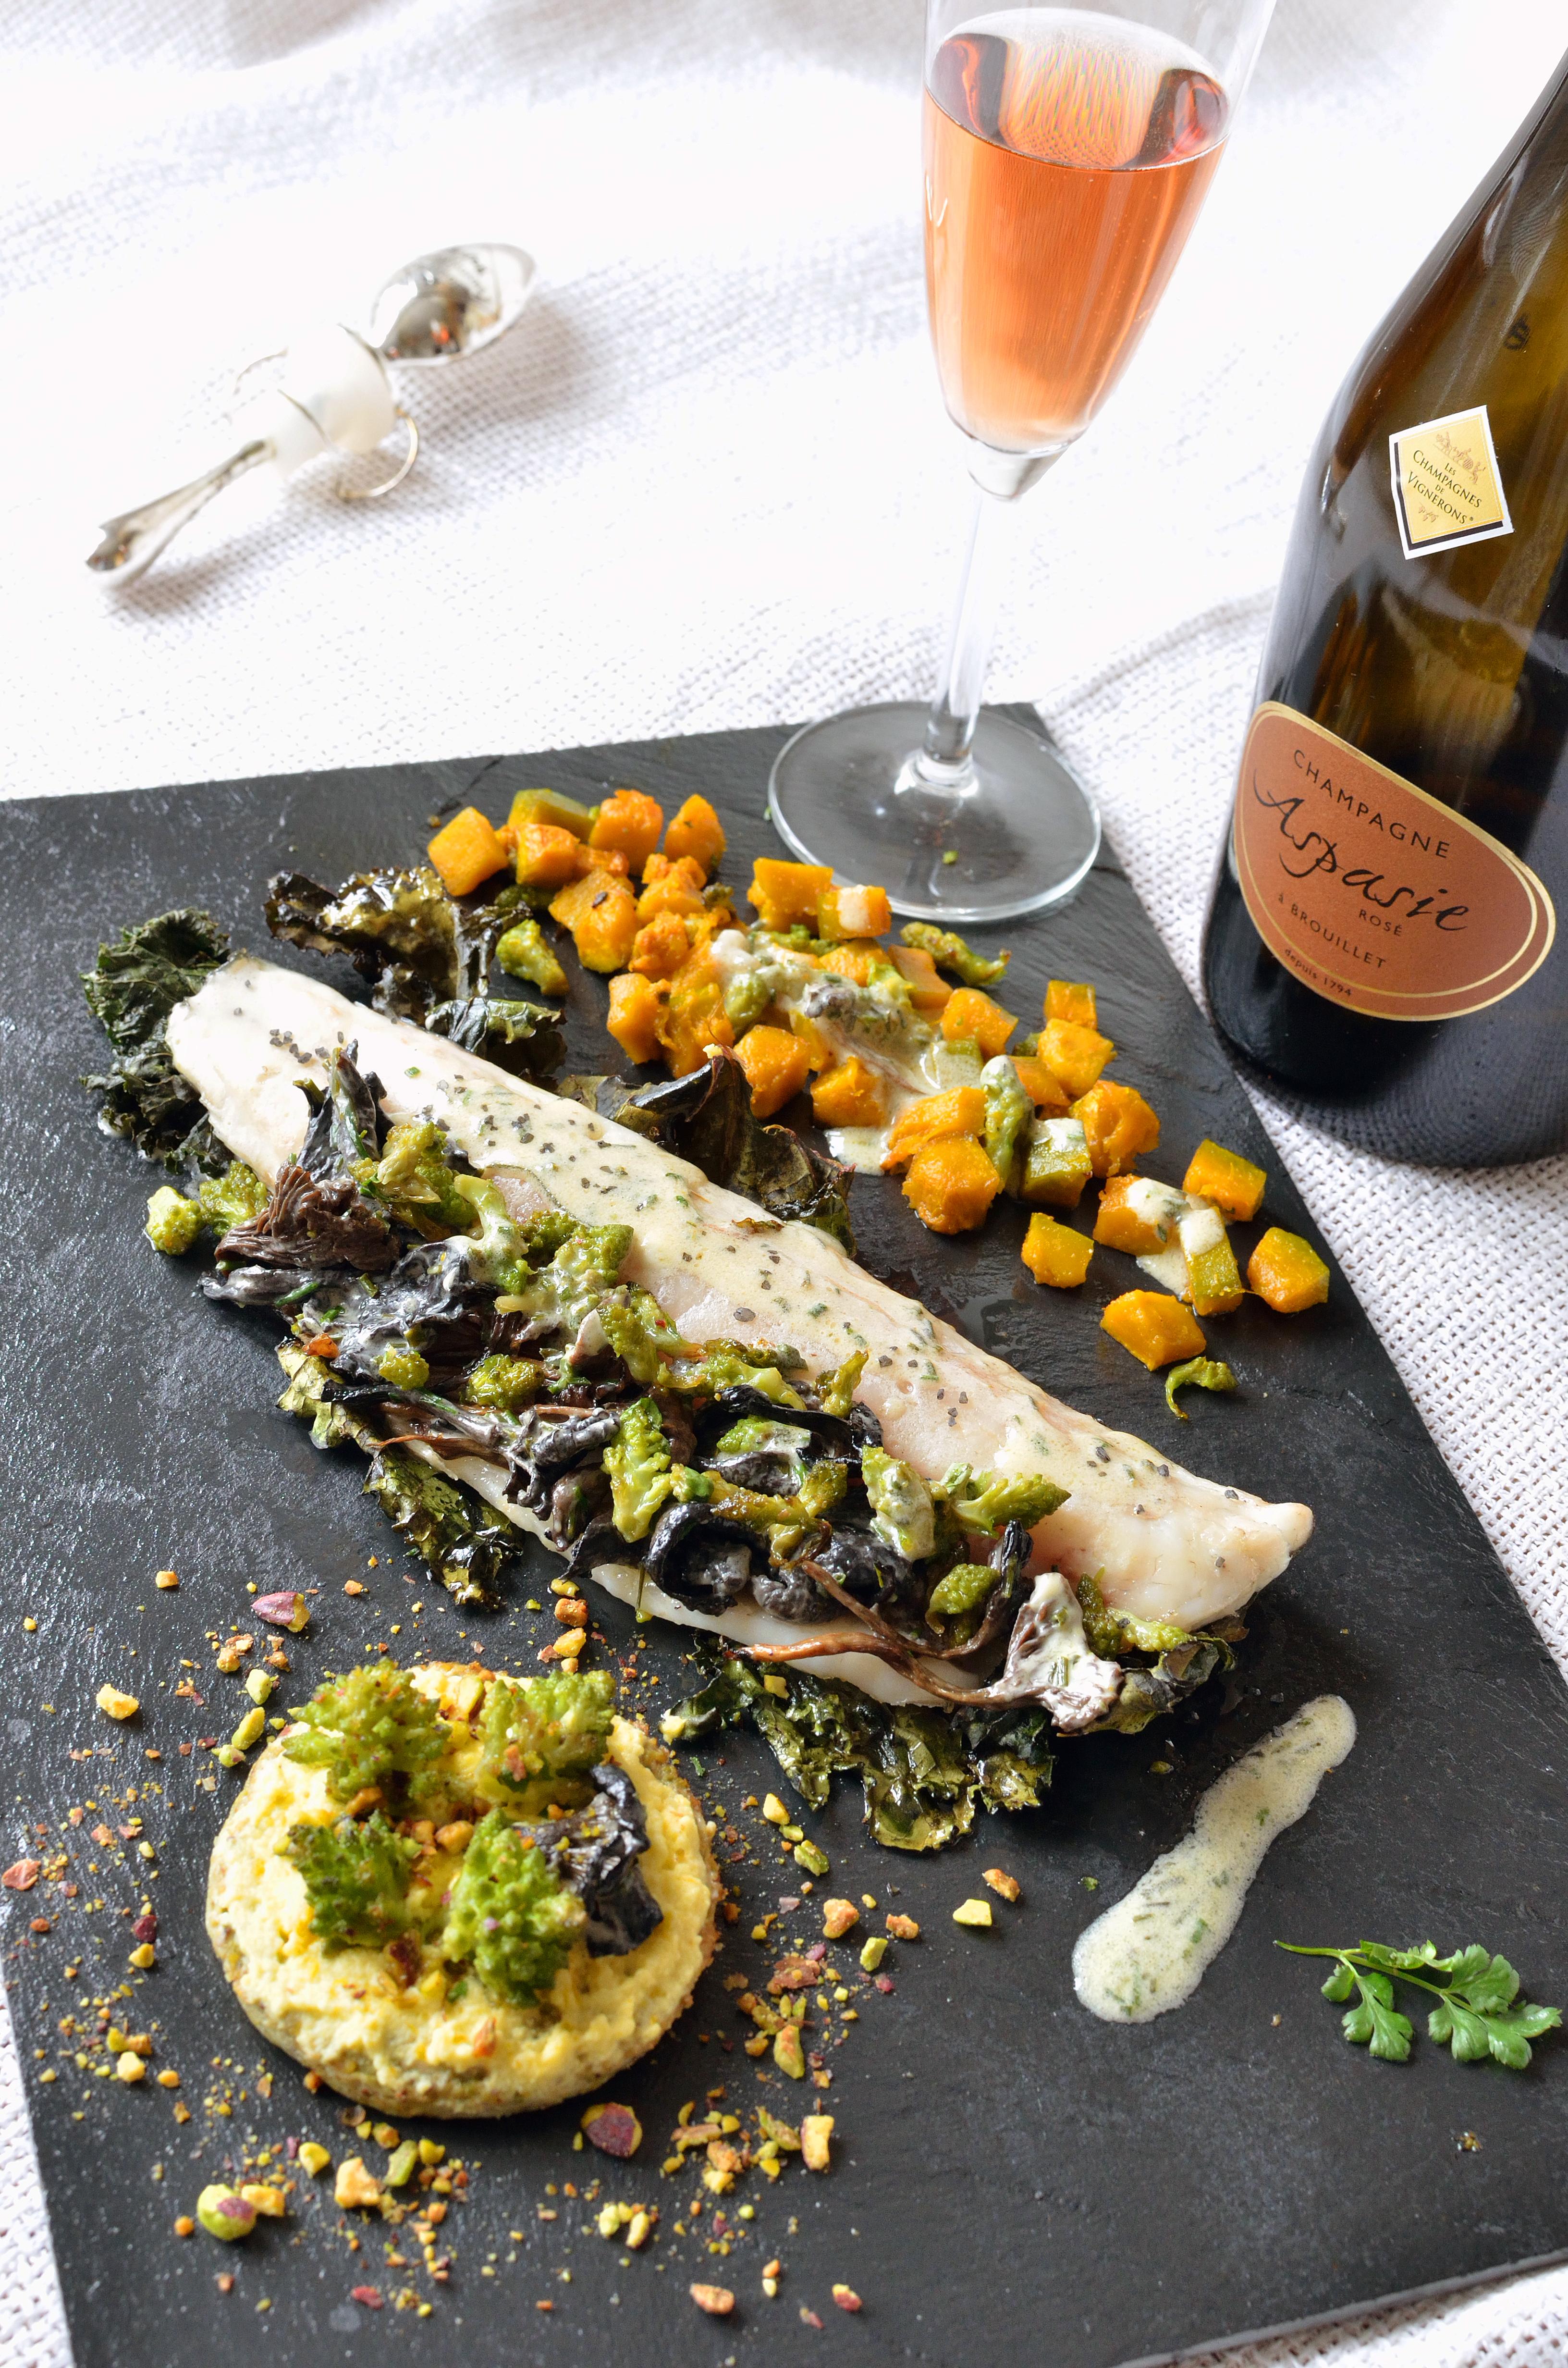 LEHMANN Champagne 2015